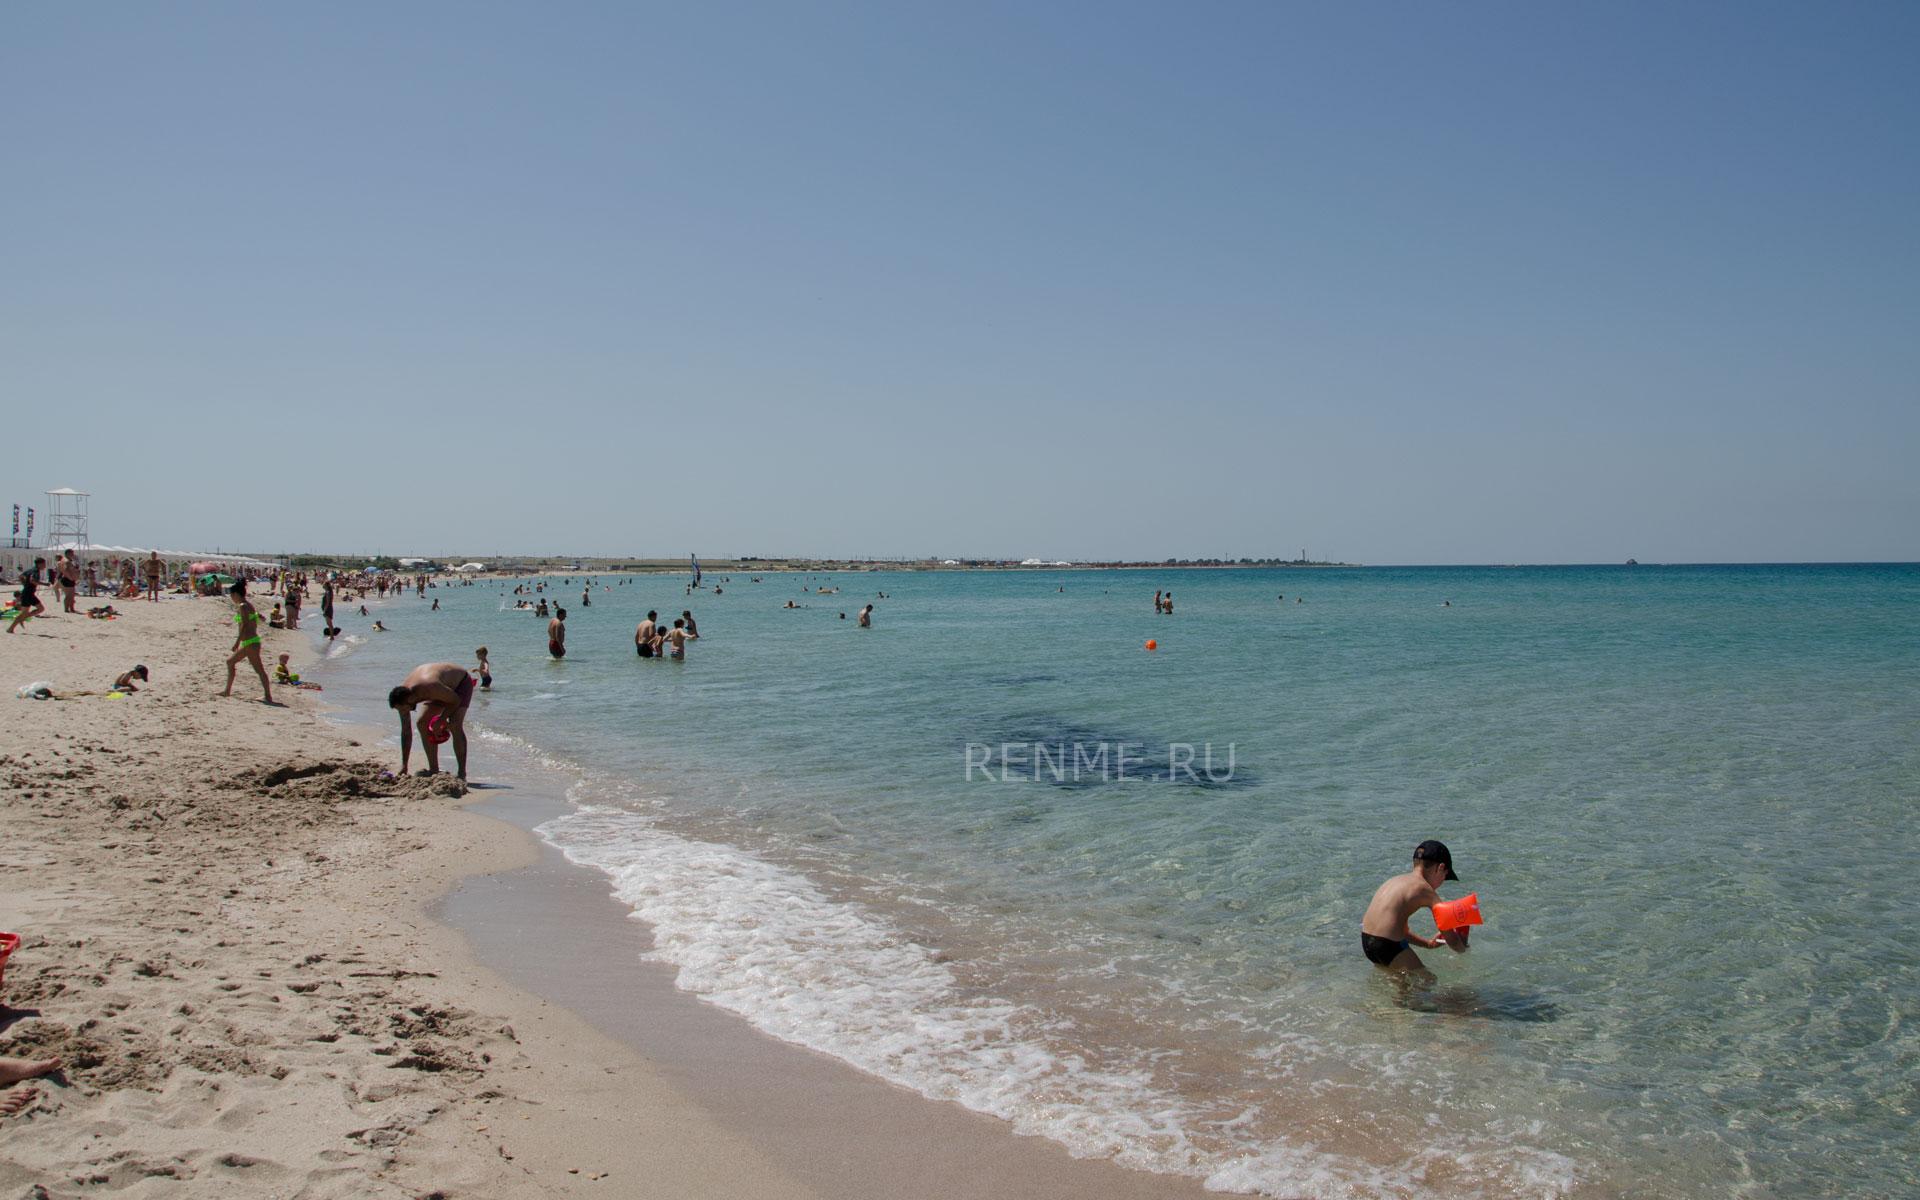 Песчаный пляж на Тарханкуте в Крыму. Фото Оленевки